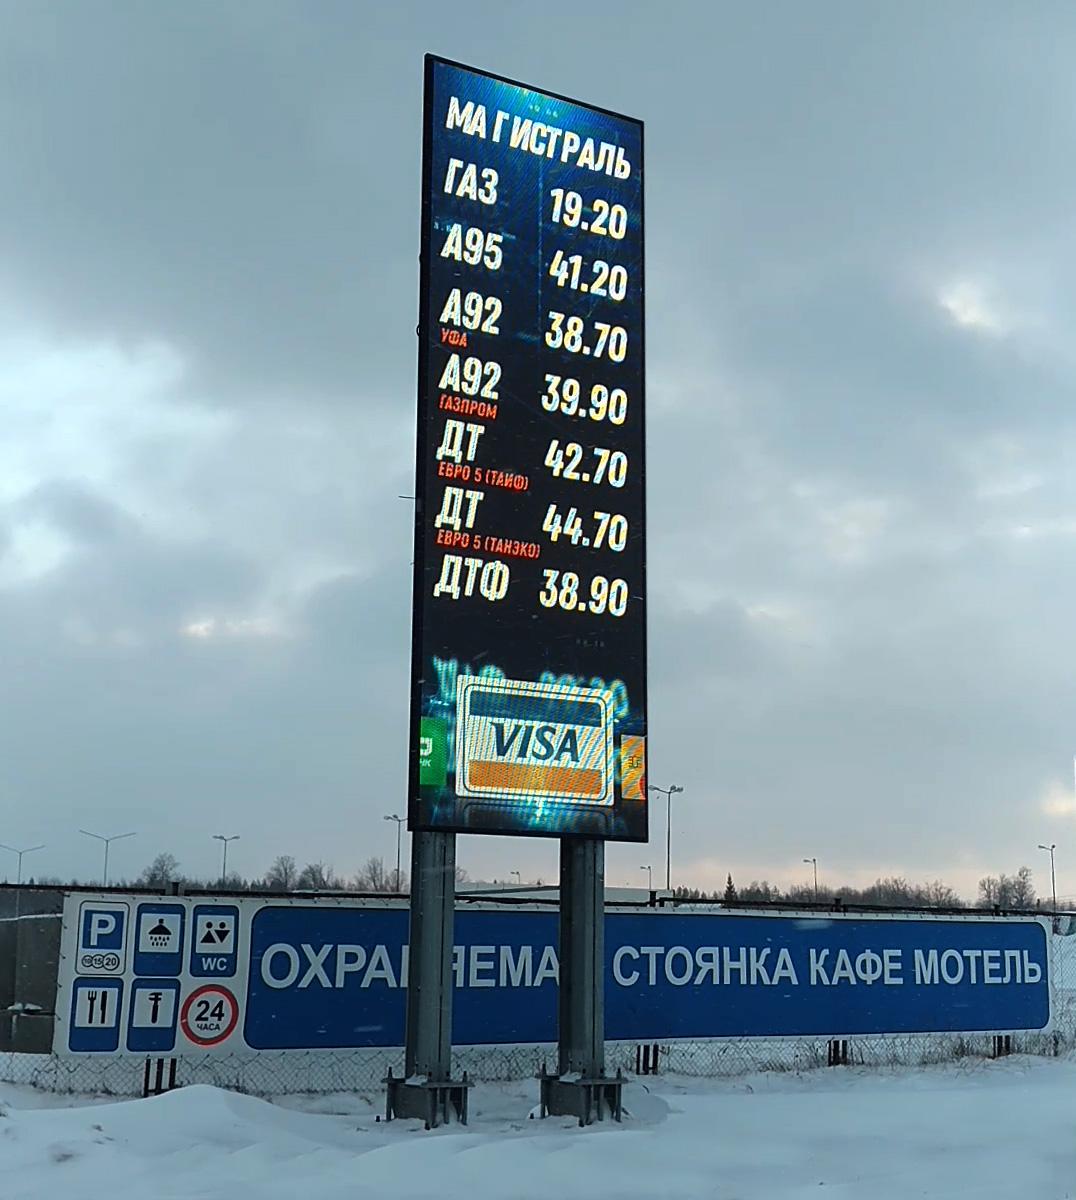 дорожное табло, НАТА-ИНФО, светодиодный экран